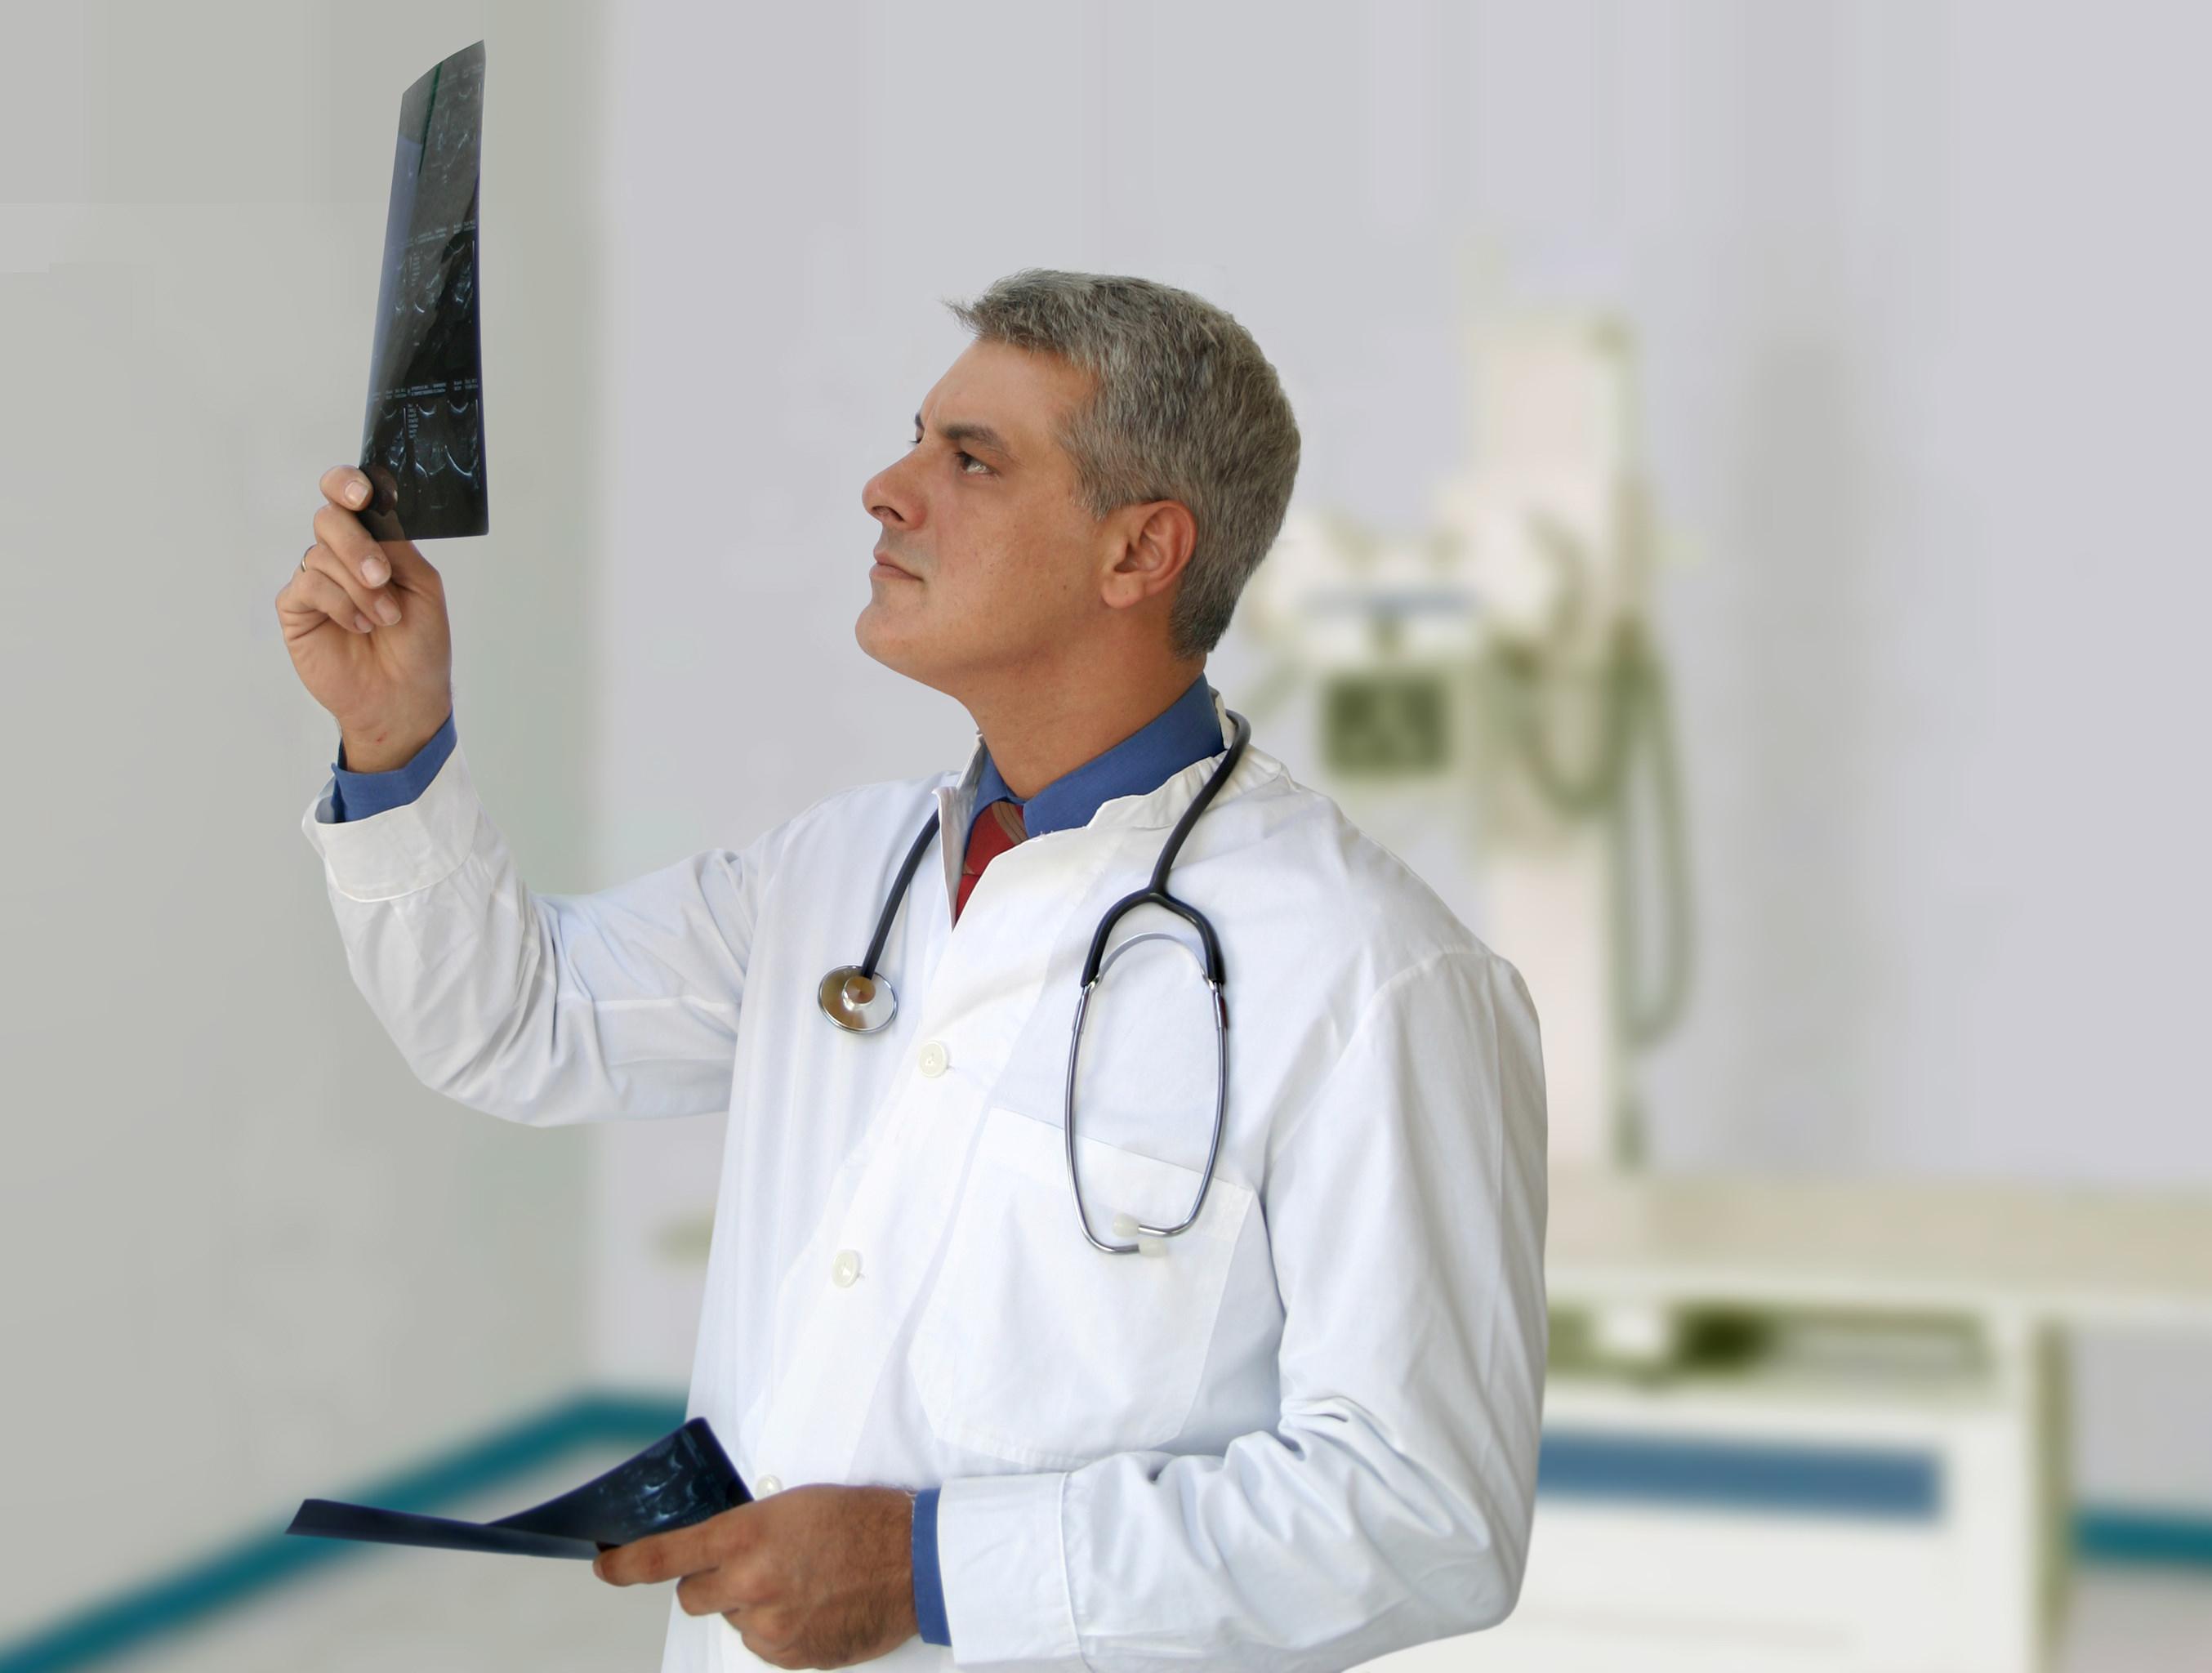 Врач смотрит рентгенограмму